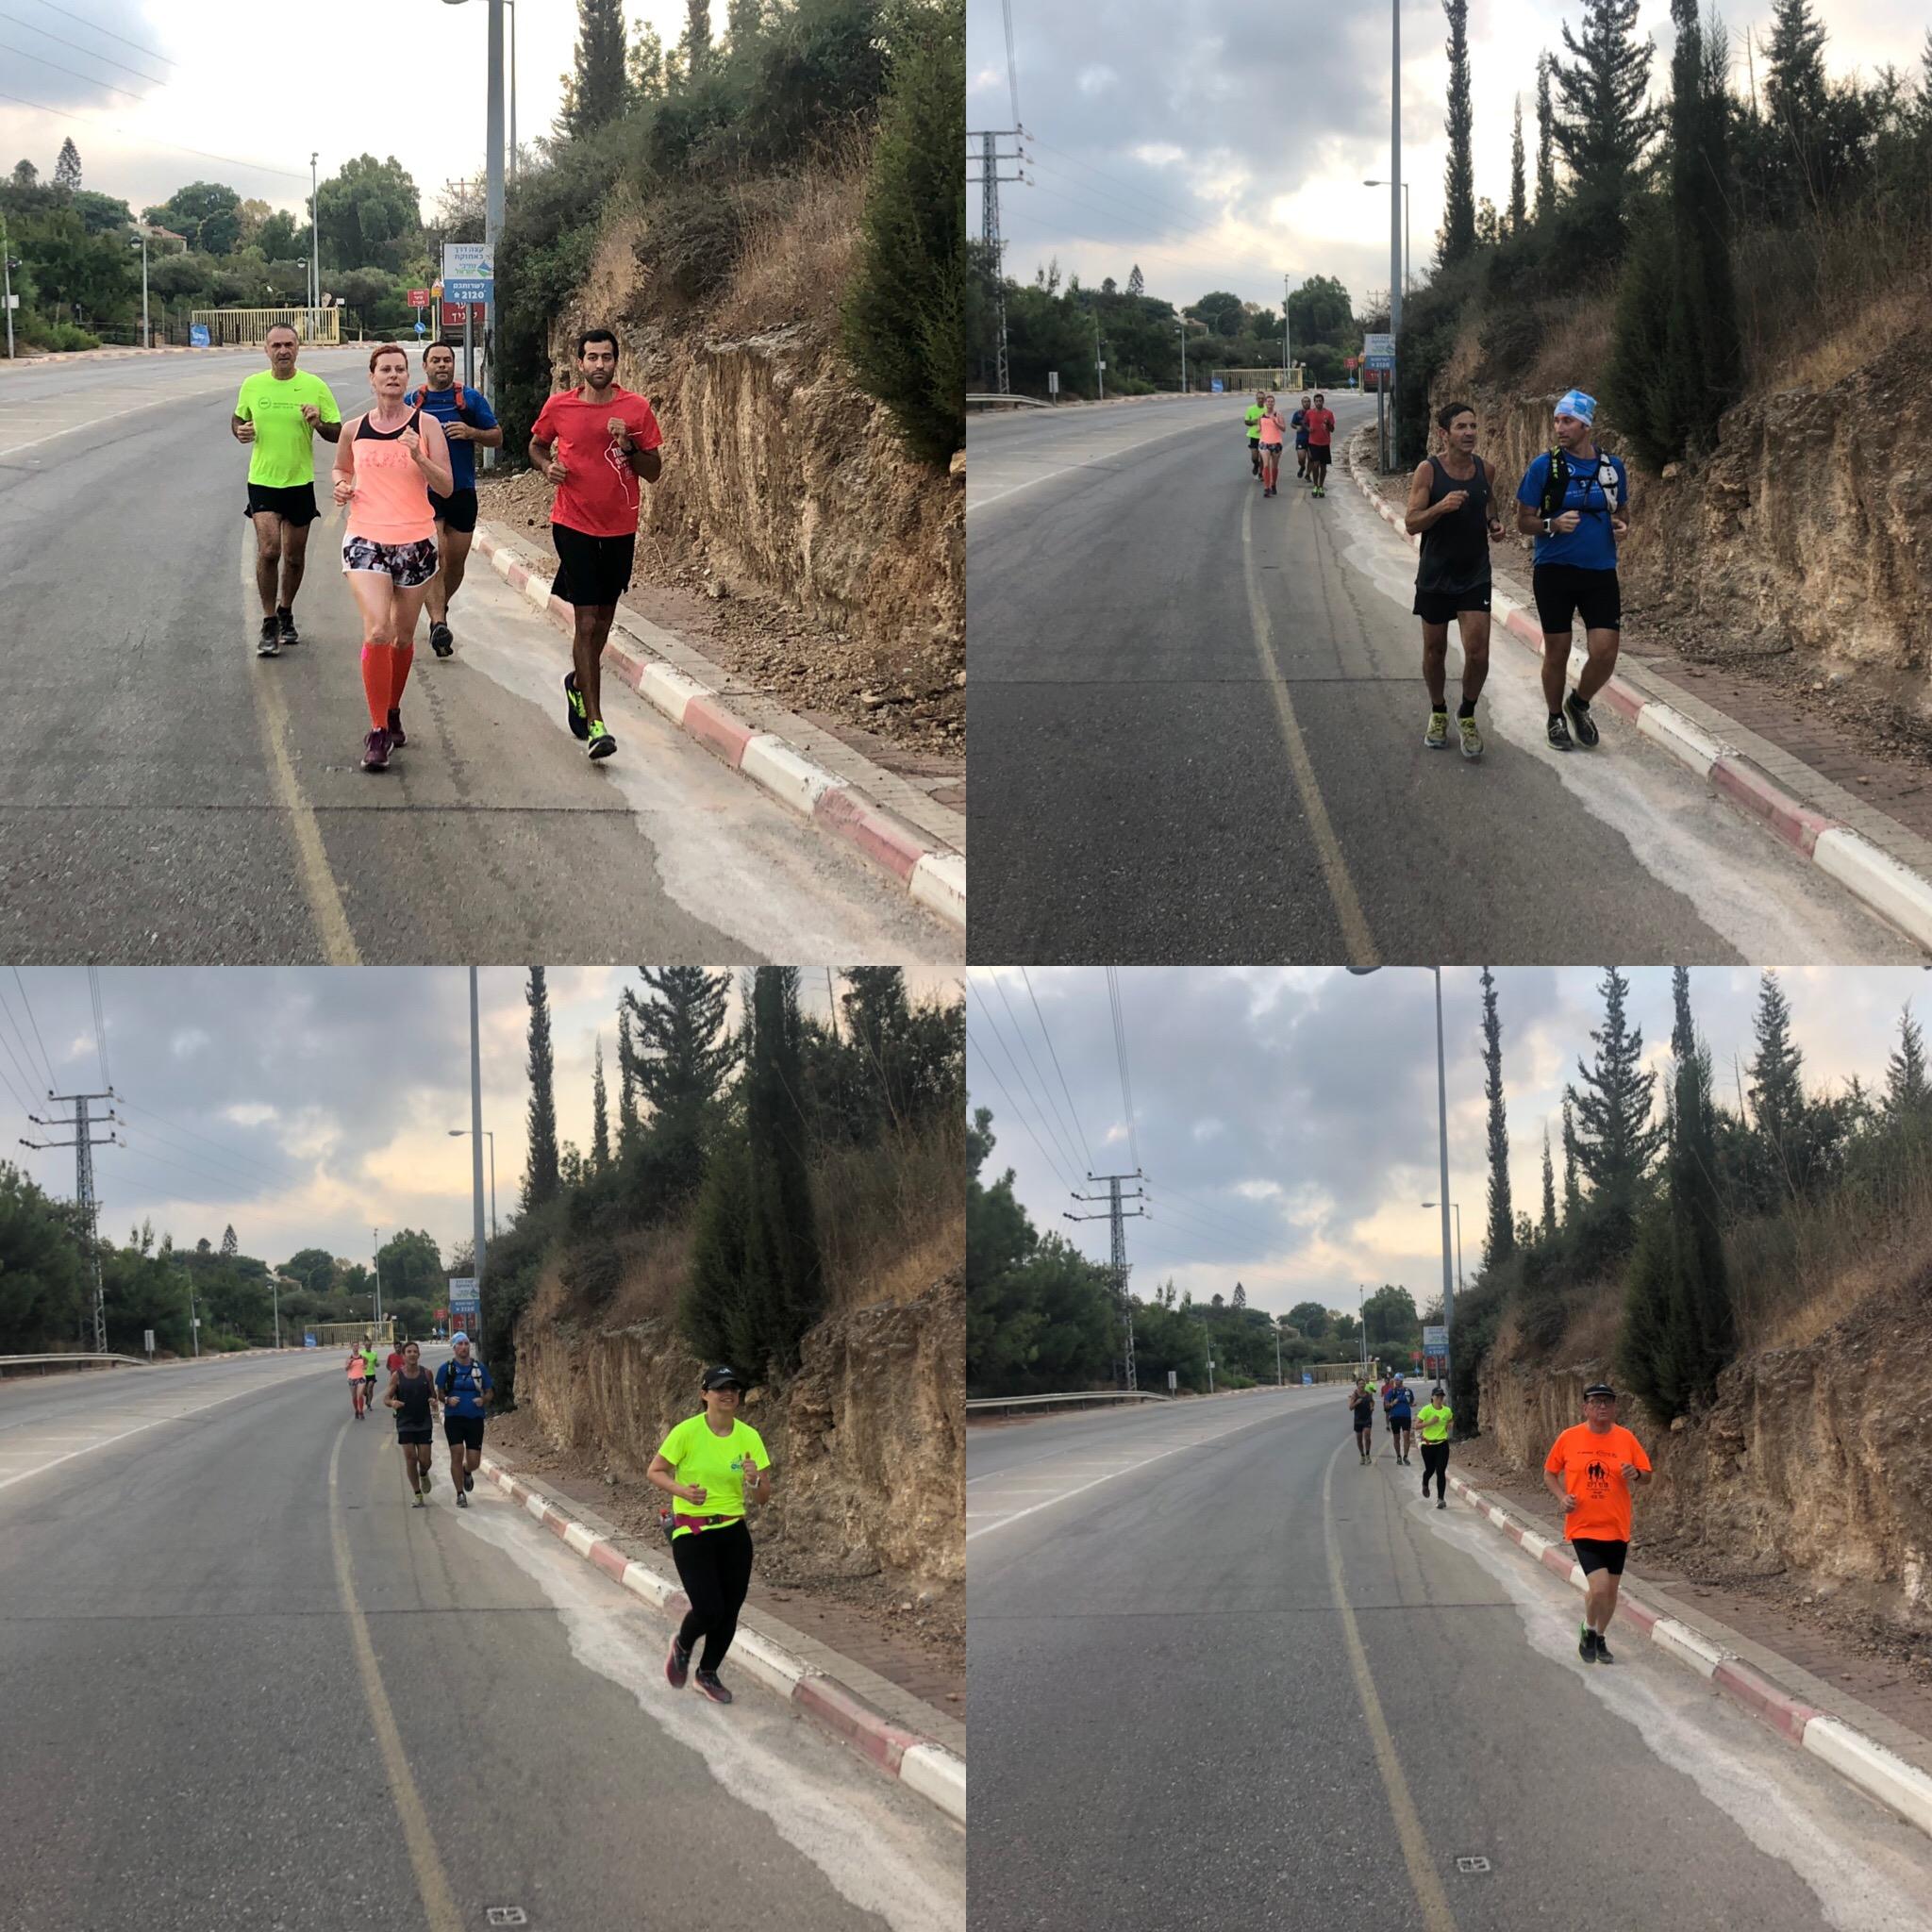 רצים עם אסף - ריצת שטח